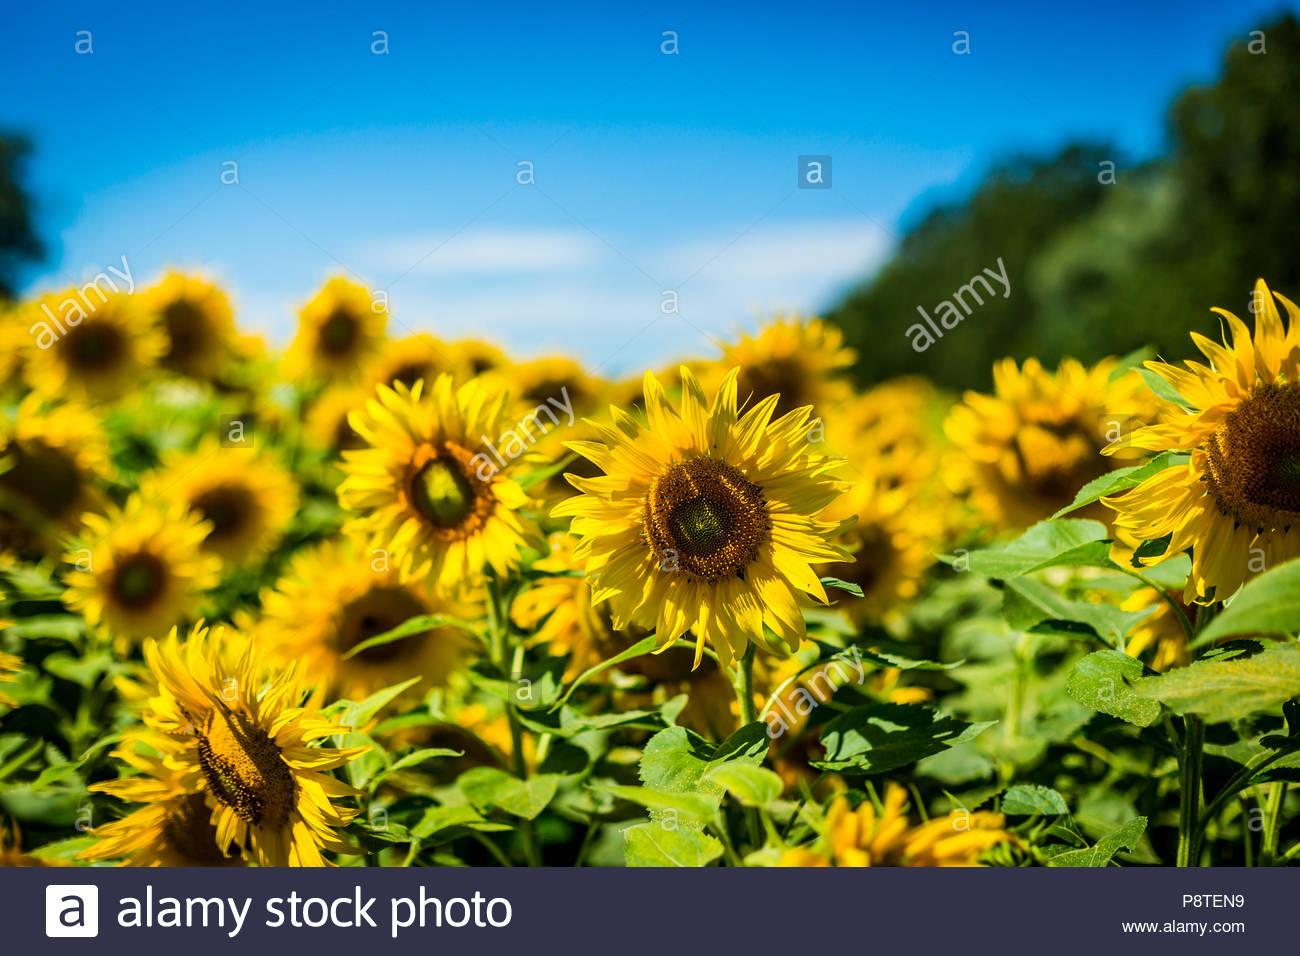 Blühende Sonnenblumen (Helianthus annuus), auch Gewöhnliche Sonnenblume genannt, in einem Feld bei Saarmund in Brandenburg. - Stock Image